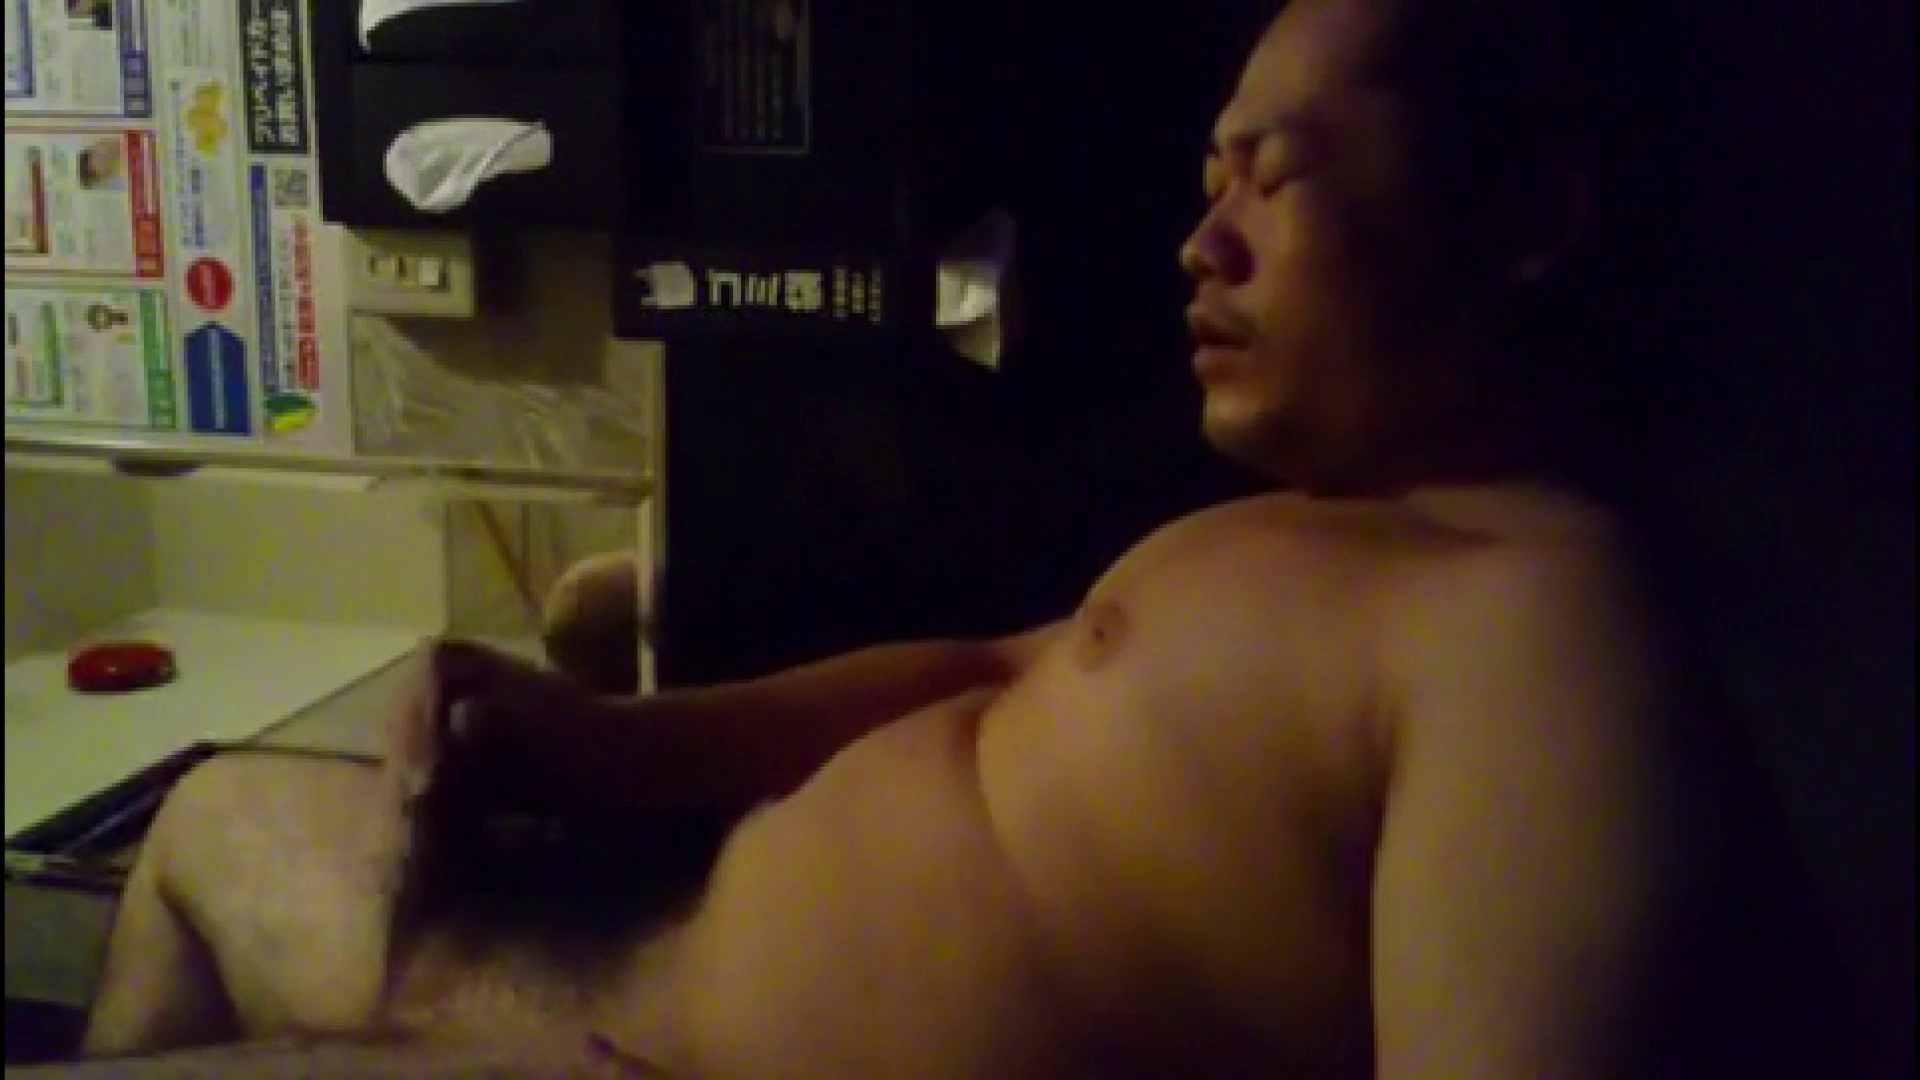 個人撮影 自慰の極意 Vol.24 オナニー アダルトビデオ画像キャプチャ 59pic 25